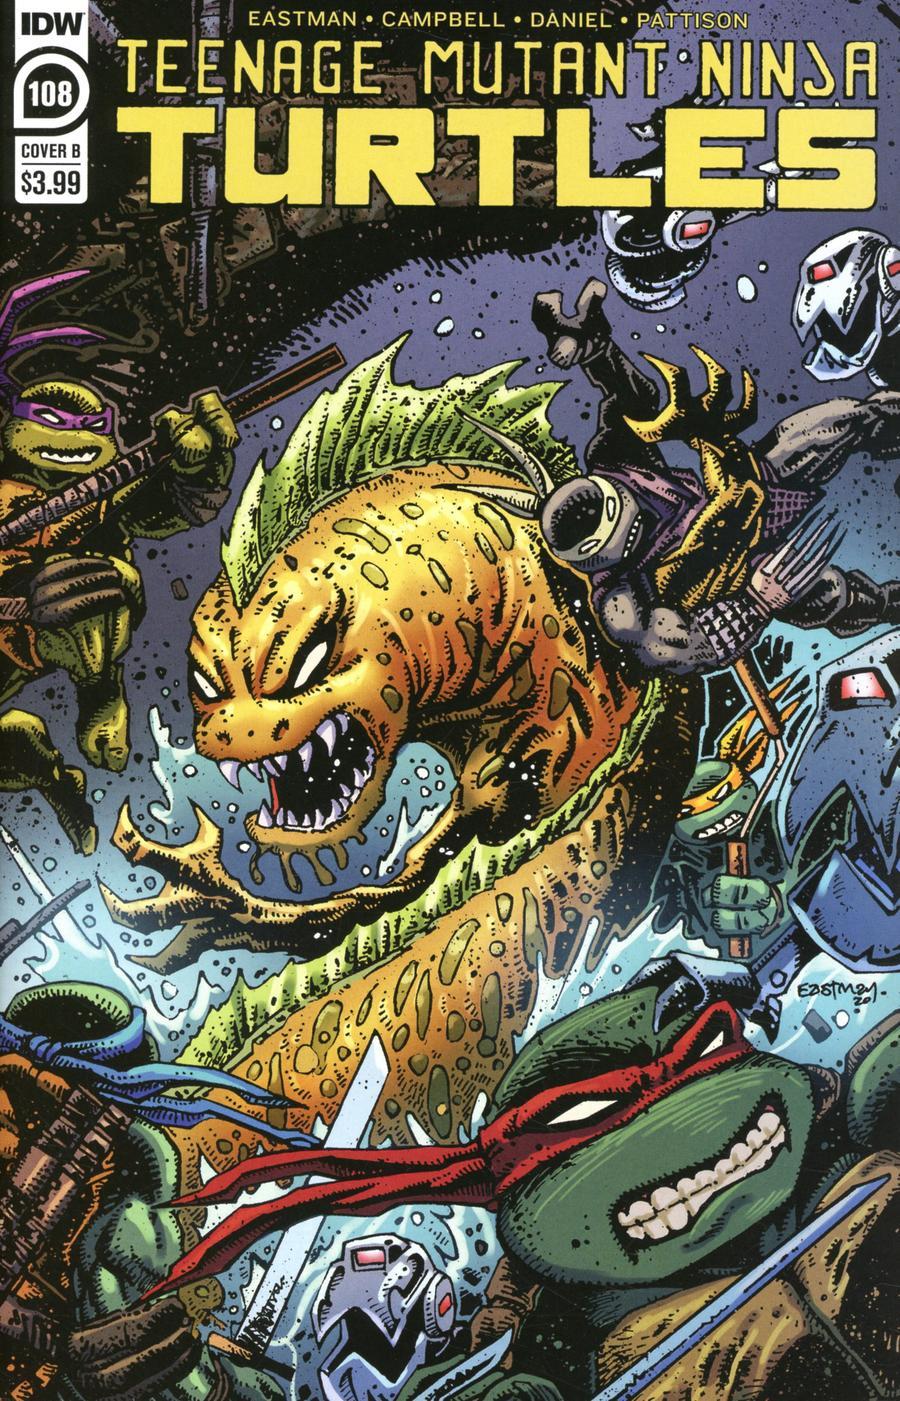 Teenage Mutant Ninja Turtles Vol 5 #108 Cover B Variant Kevin Eastman Cover